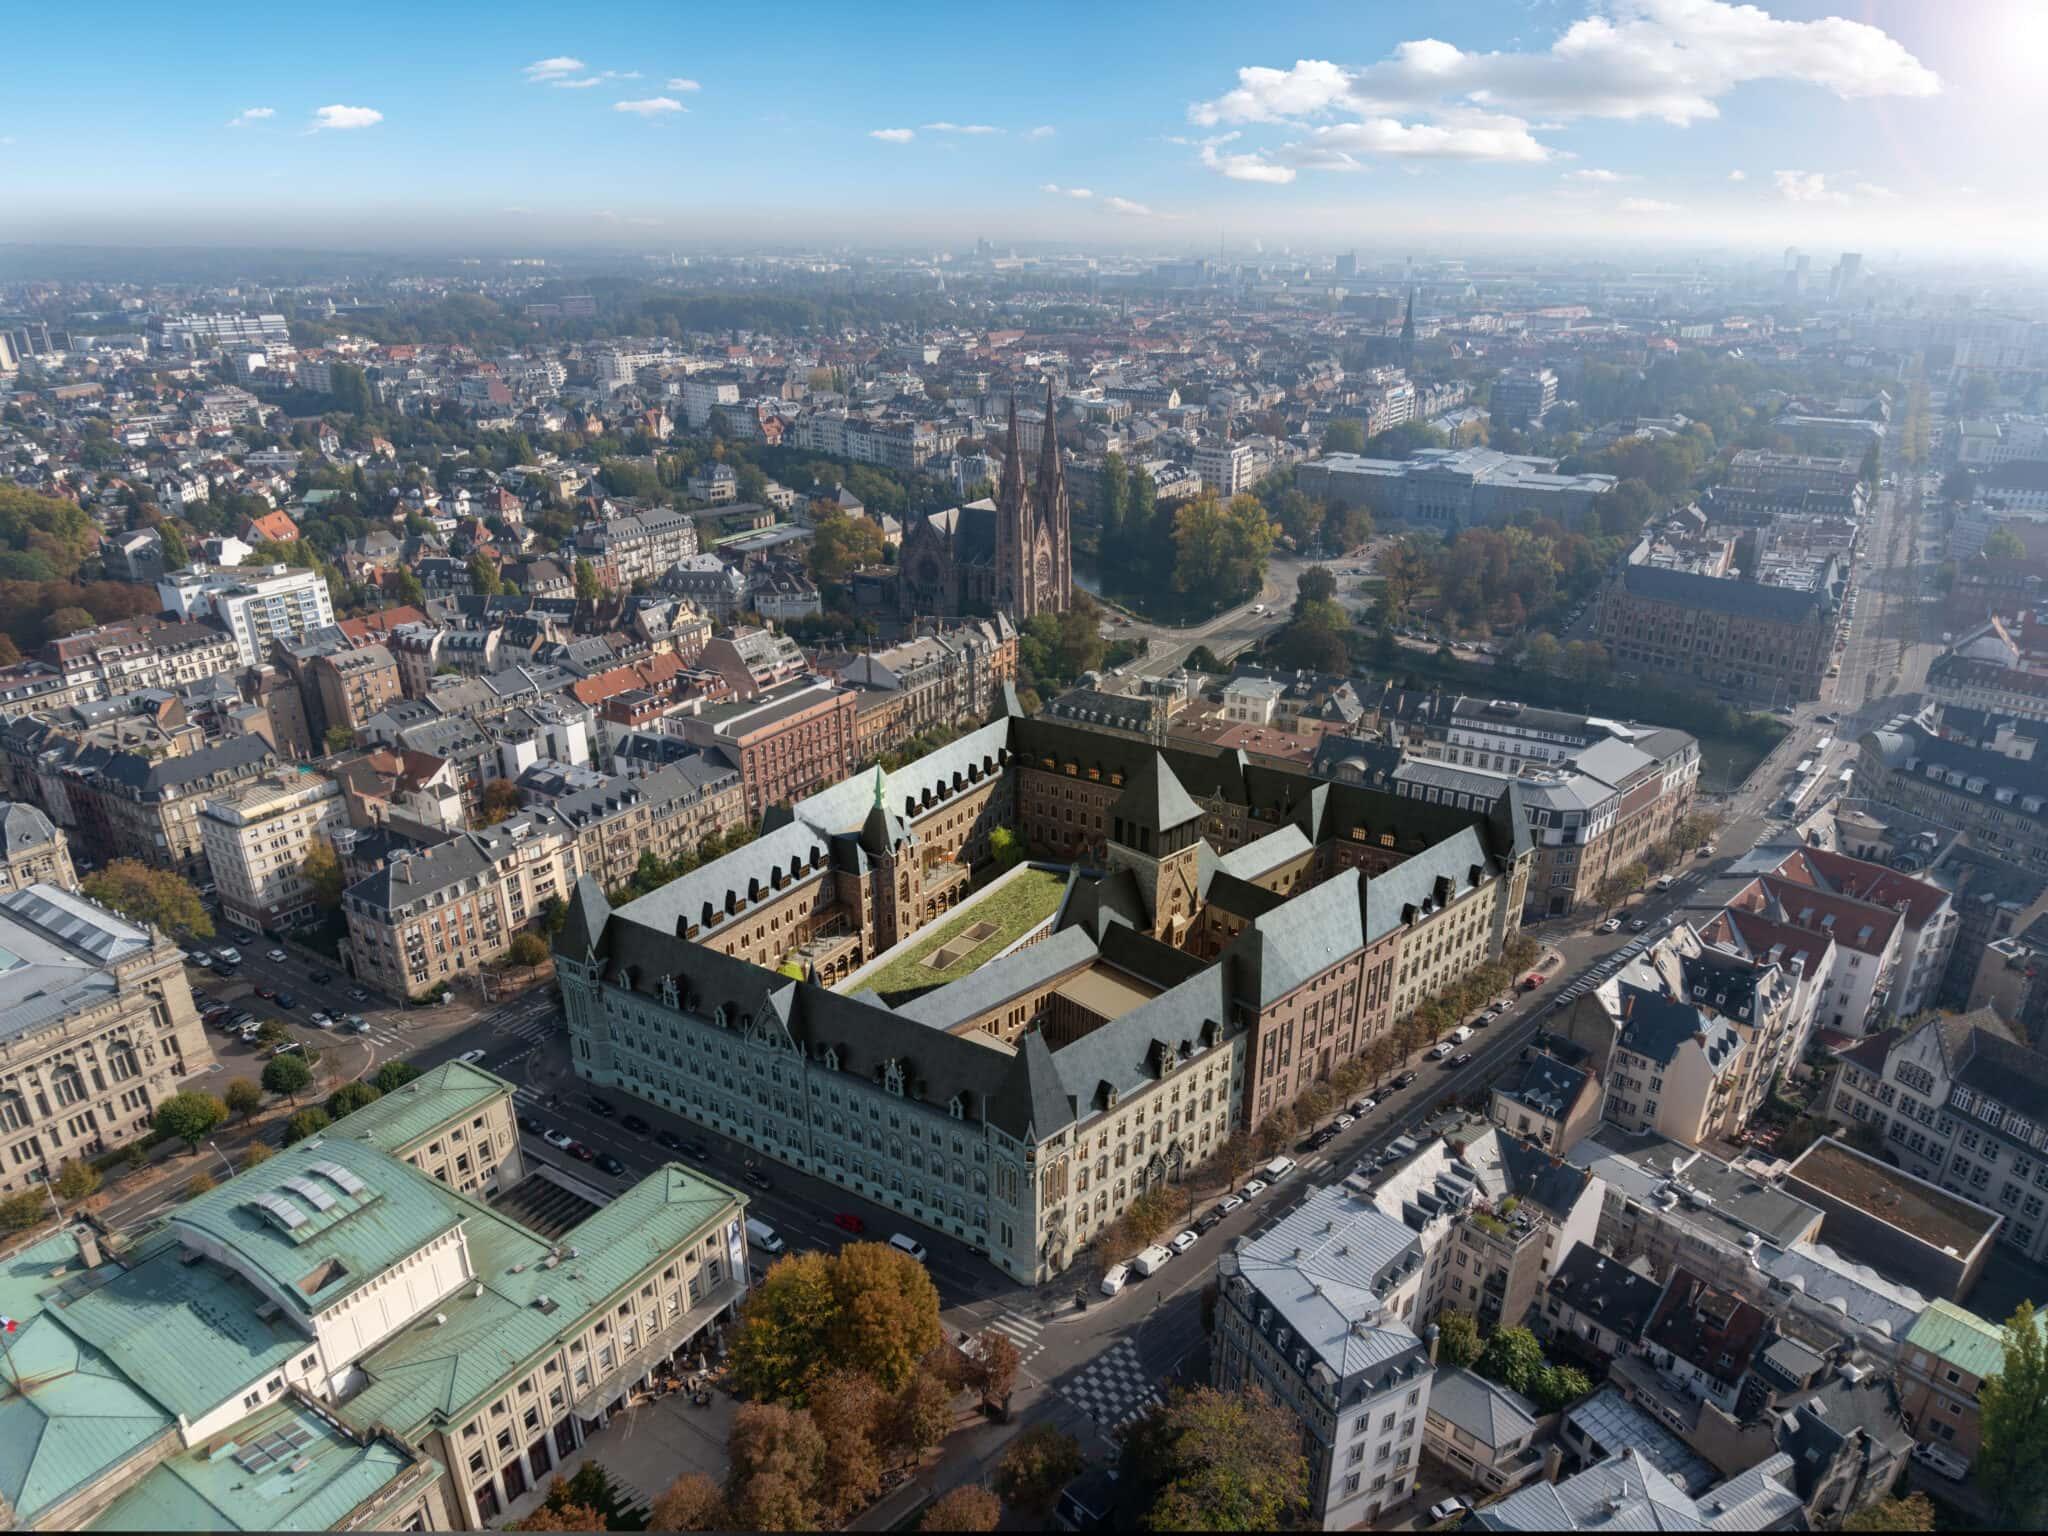 L'occasion manquée de l'Hôtel des Postes, patrimoine strasbourgeois reconverti en résidence haut de gamme